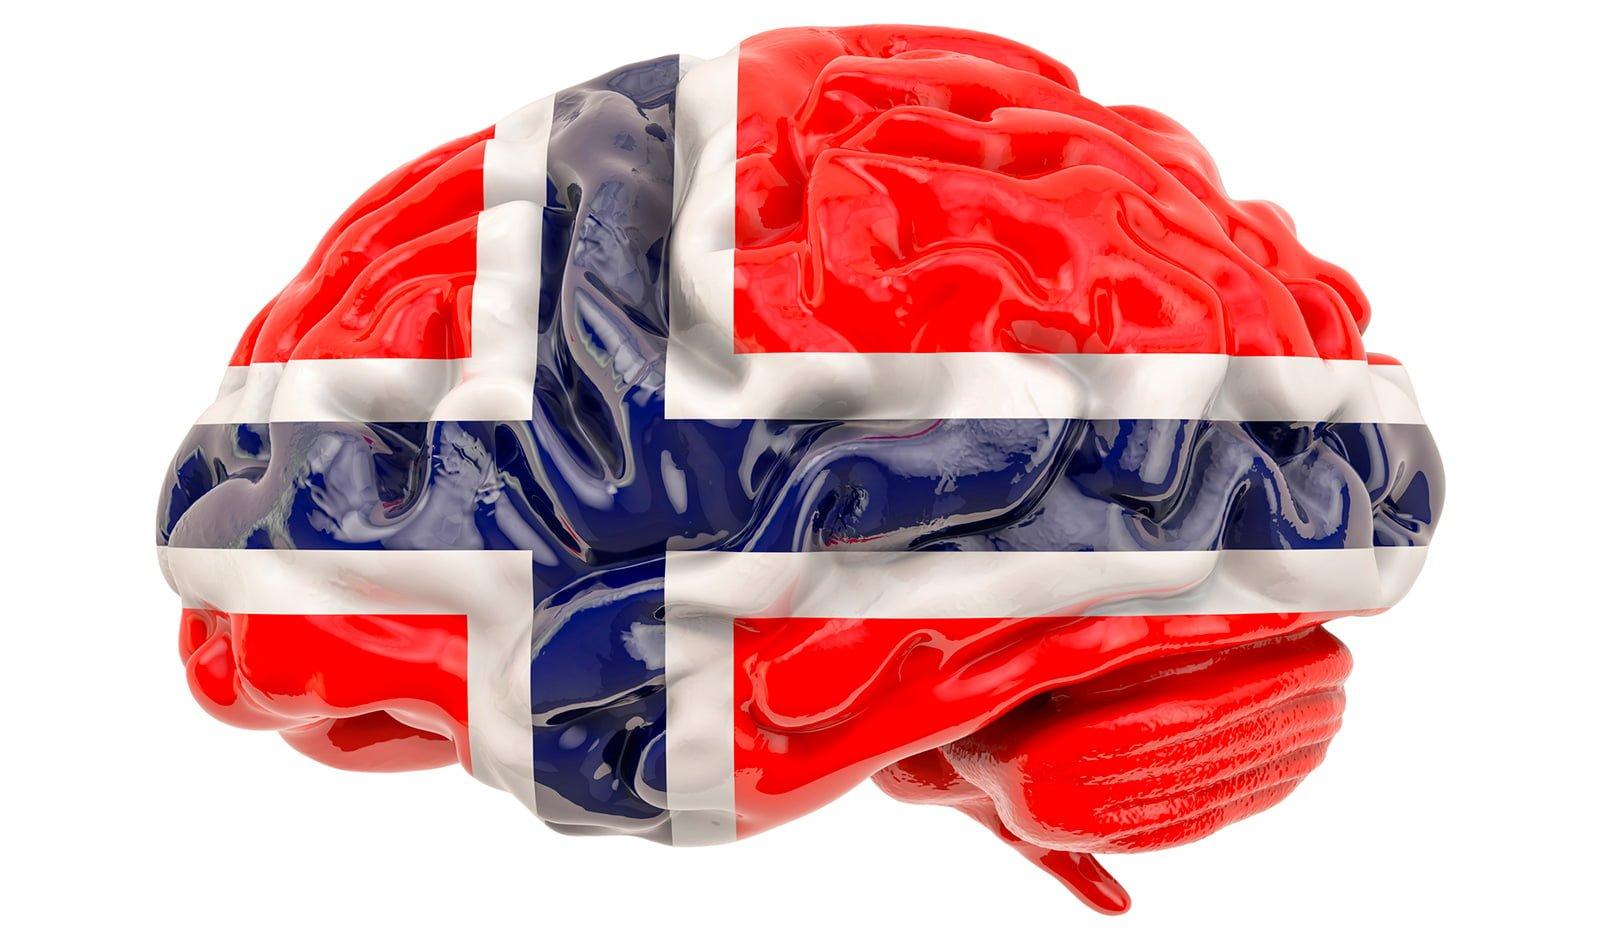 The Norwegian language brain